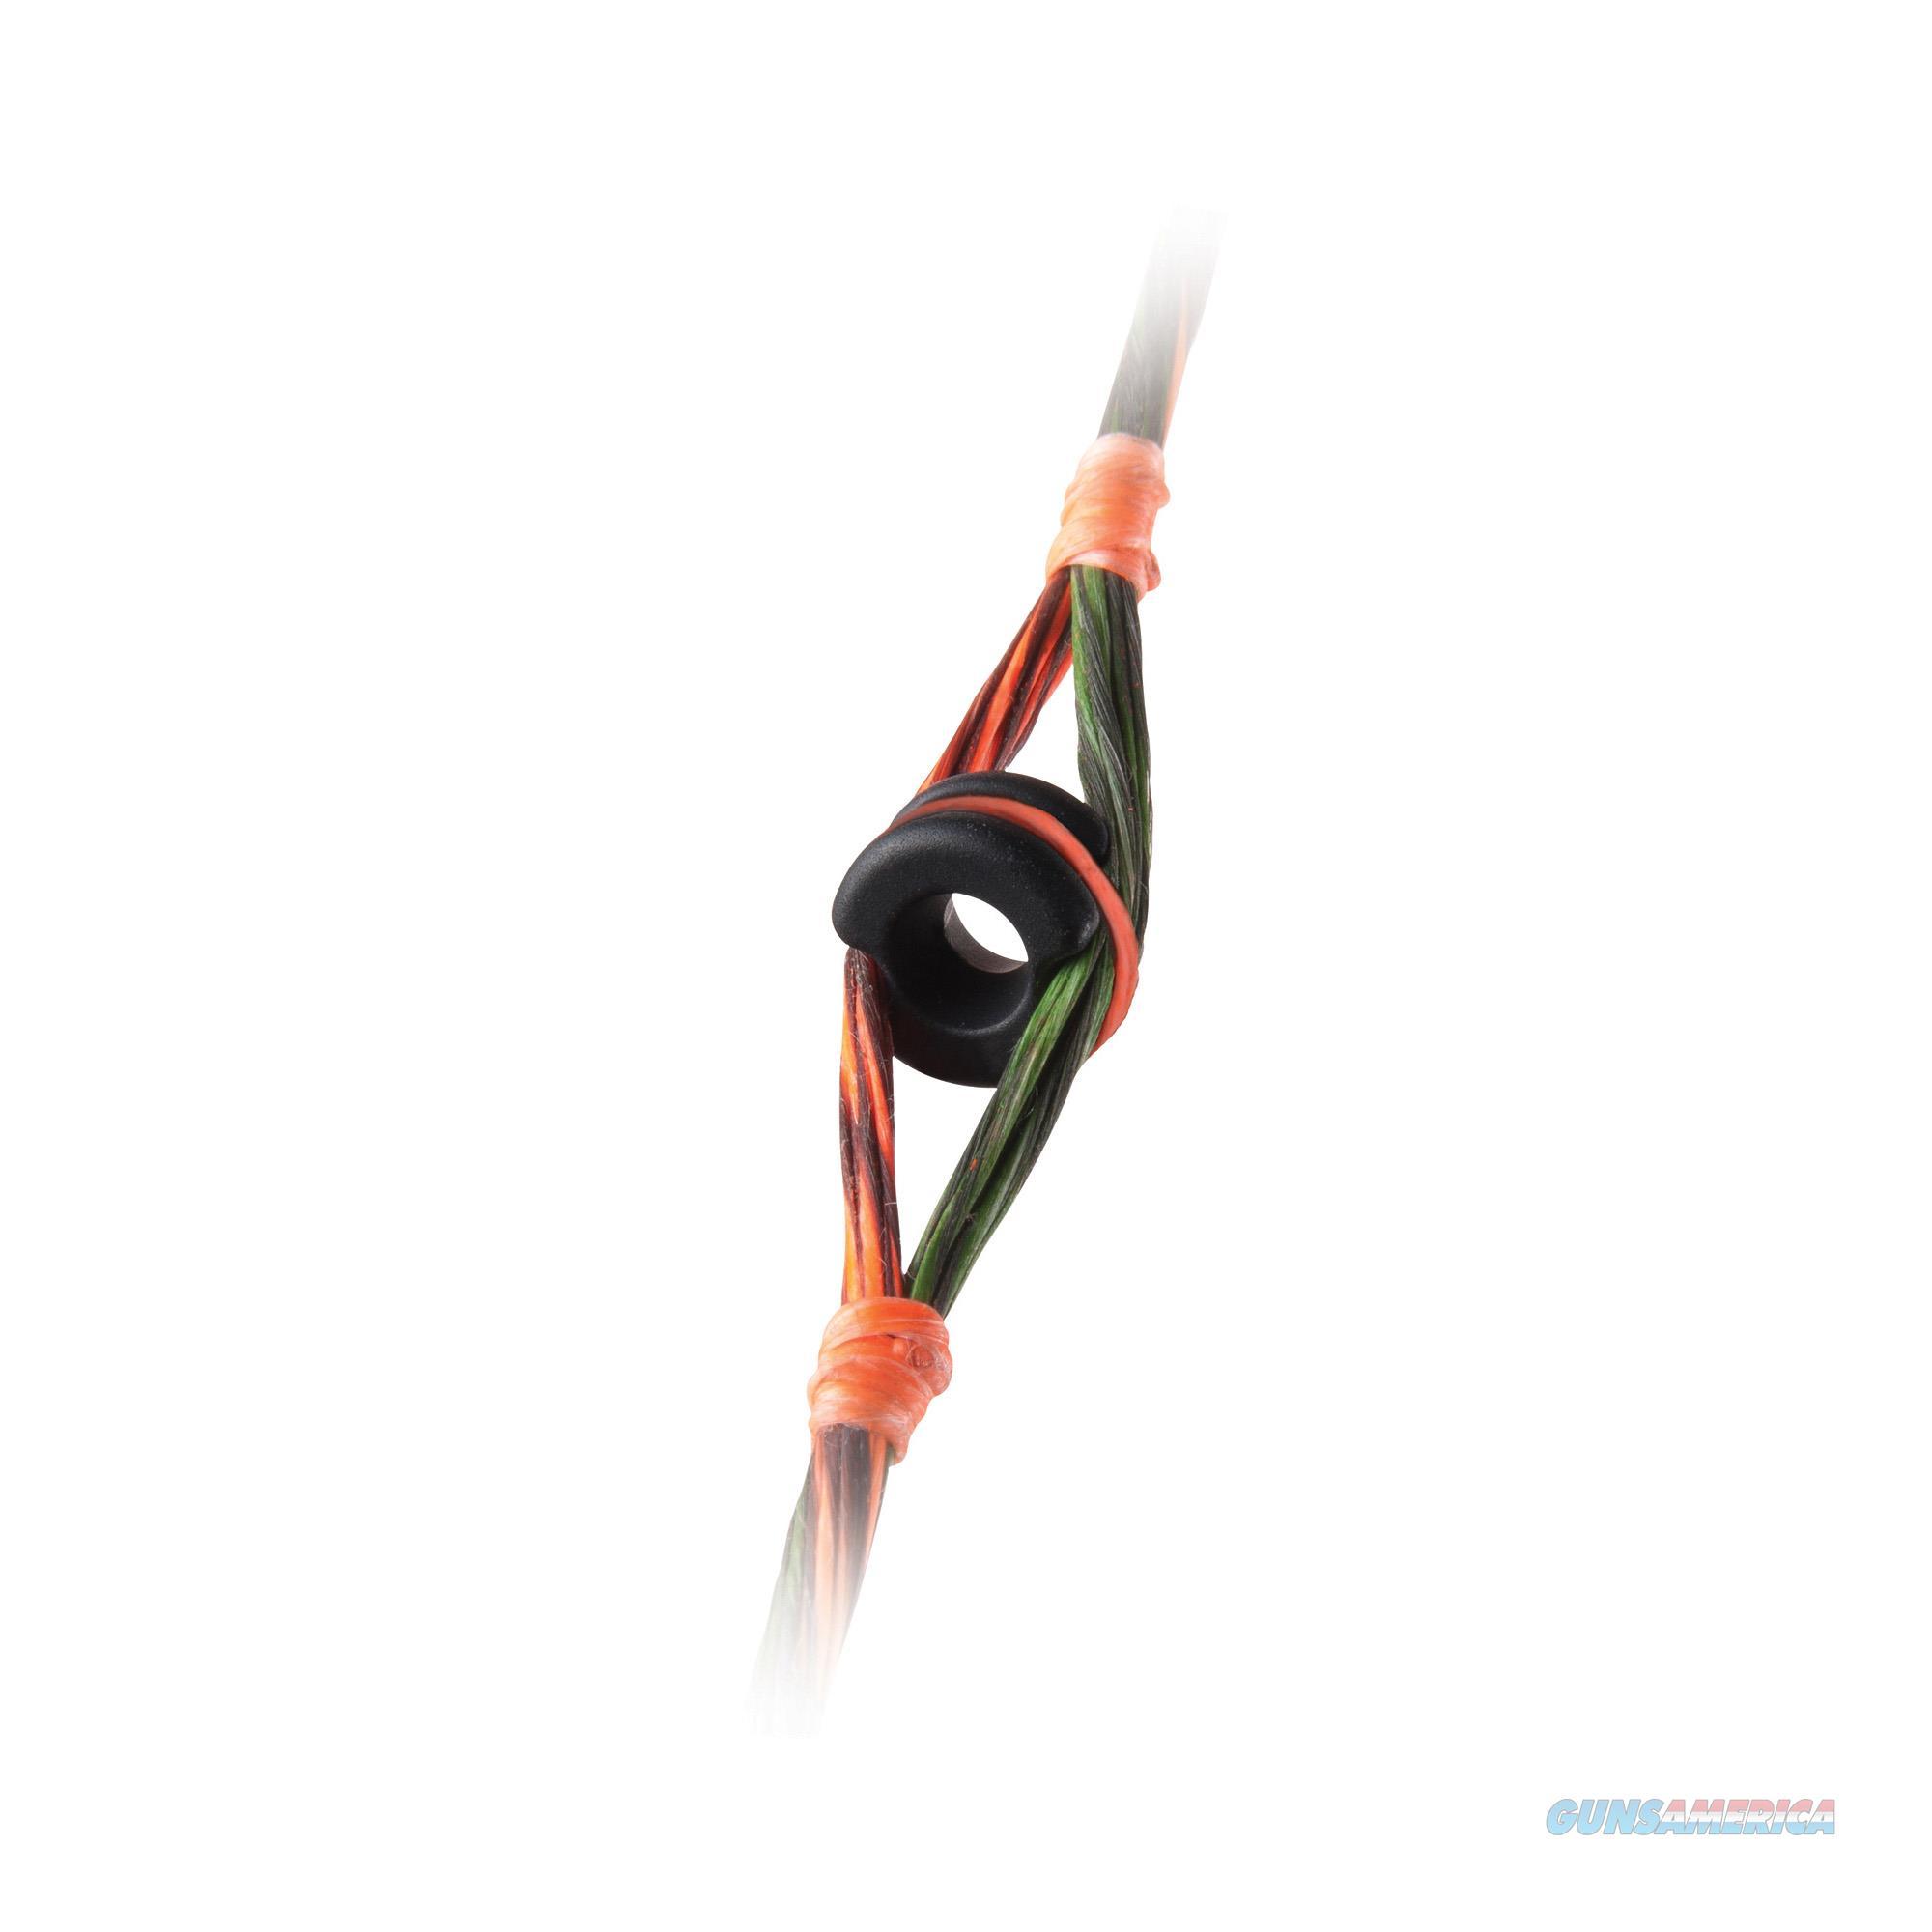 Truglo Centra Peep TG76BN  Non-Guns > Archery > Parts